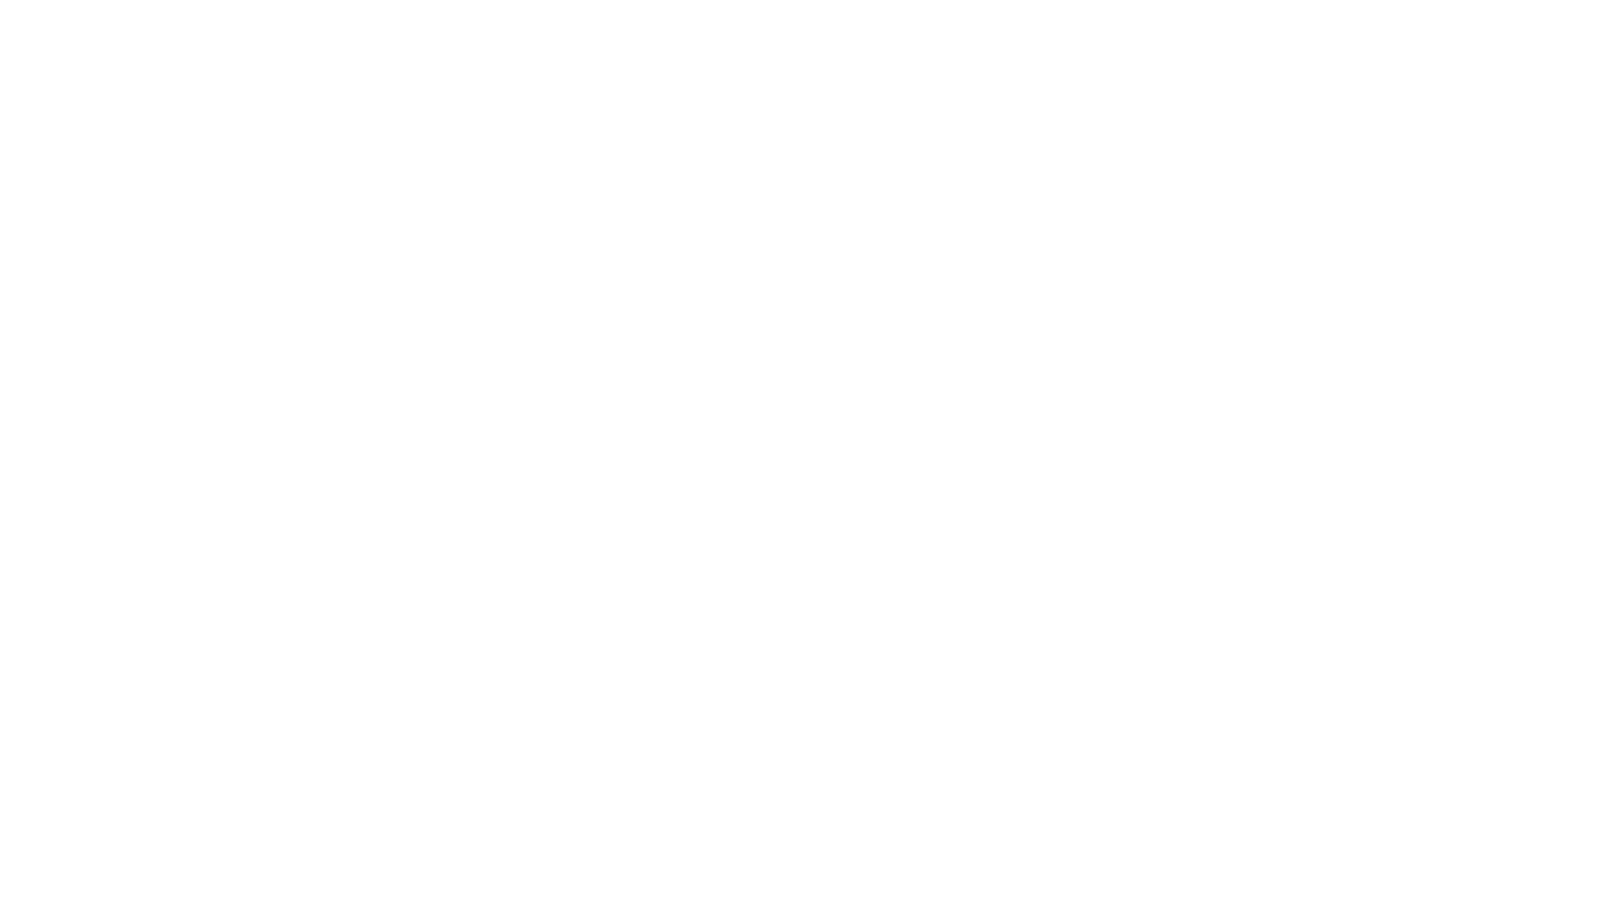 Канал PUNKration https://goo-gl.su/muo0WL  ★ Всё о нас в одном месте https://band.link/97t72 ★ Поддержать музыкантов: https://donate.stream/artklinika ★ Новый EP Арт-Клиники https://band.link/PdPWa ★ Подписка на канал https://goo.gl/ndxV3P ★ Instagram https://instagram.com/artklinika ★ Официальный сайт https://goo.gl/SfSqMq ★ Группа Арт-Клиника ВК https://vk.com/art_klinika ★ Группа на Яндекс.Музыке: http://music.yandex.ru/#!/artist/2641680  #PUNKration #КиШ #кавер